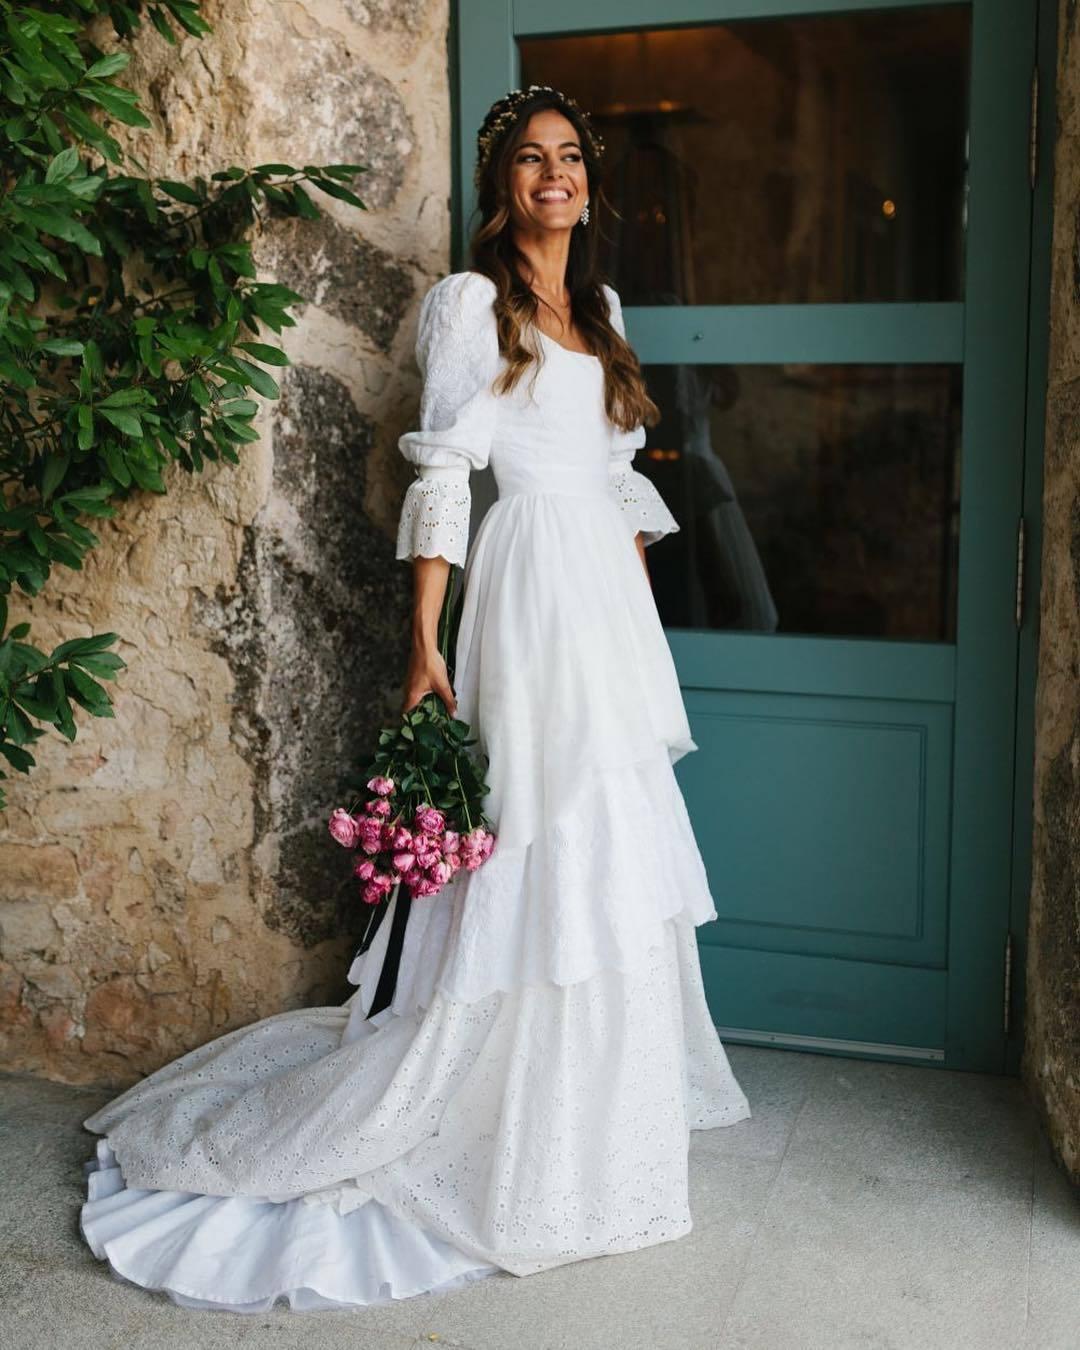 Lara, una de las chicas de La Petite Mafalda, el día de su boda.